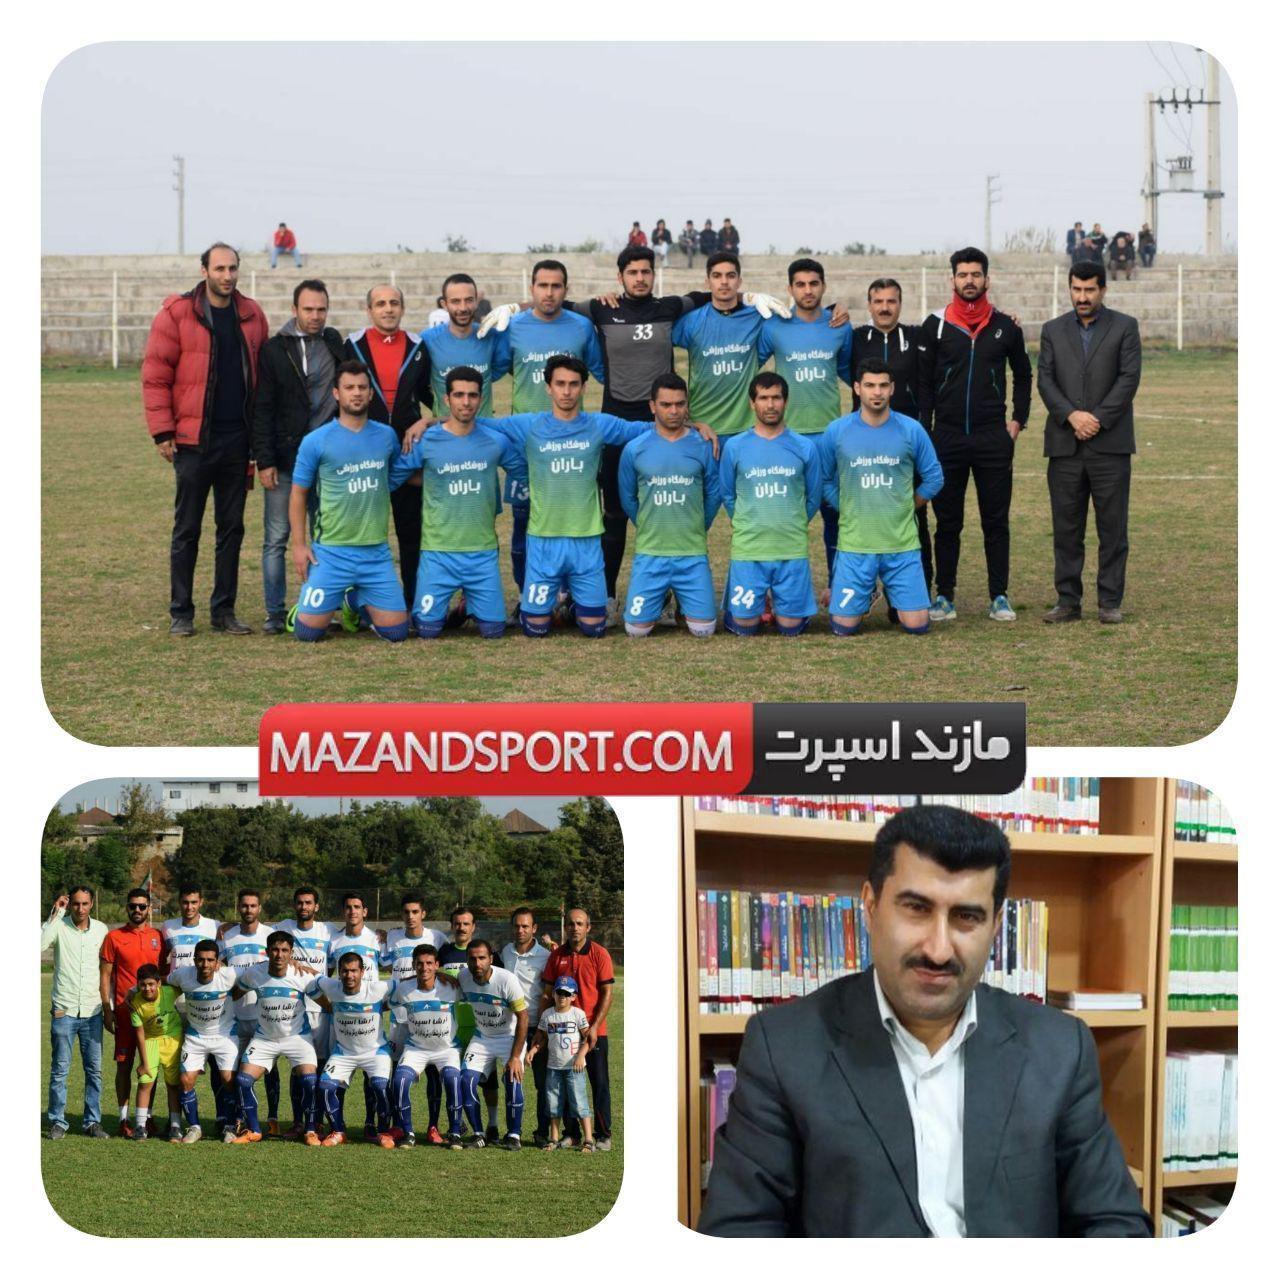 فقیه :هدف ما استفاده و کسب تجربه فوتبالیست های جوان جویباری است